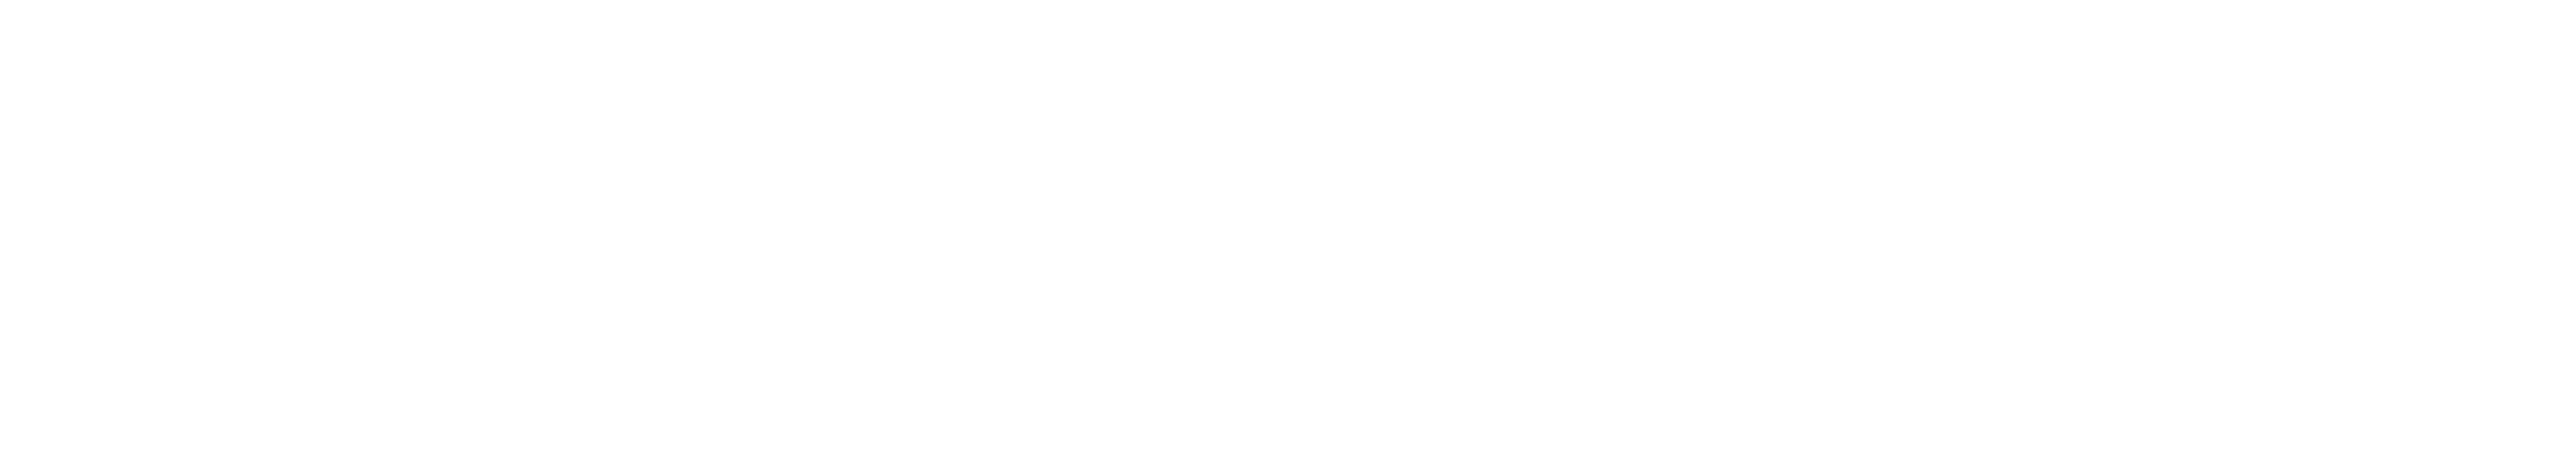 Vnanalytics